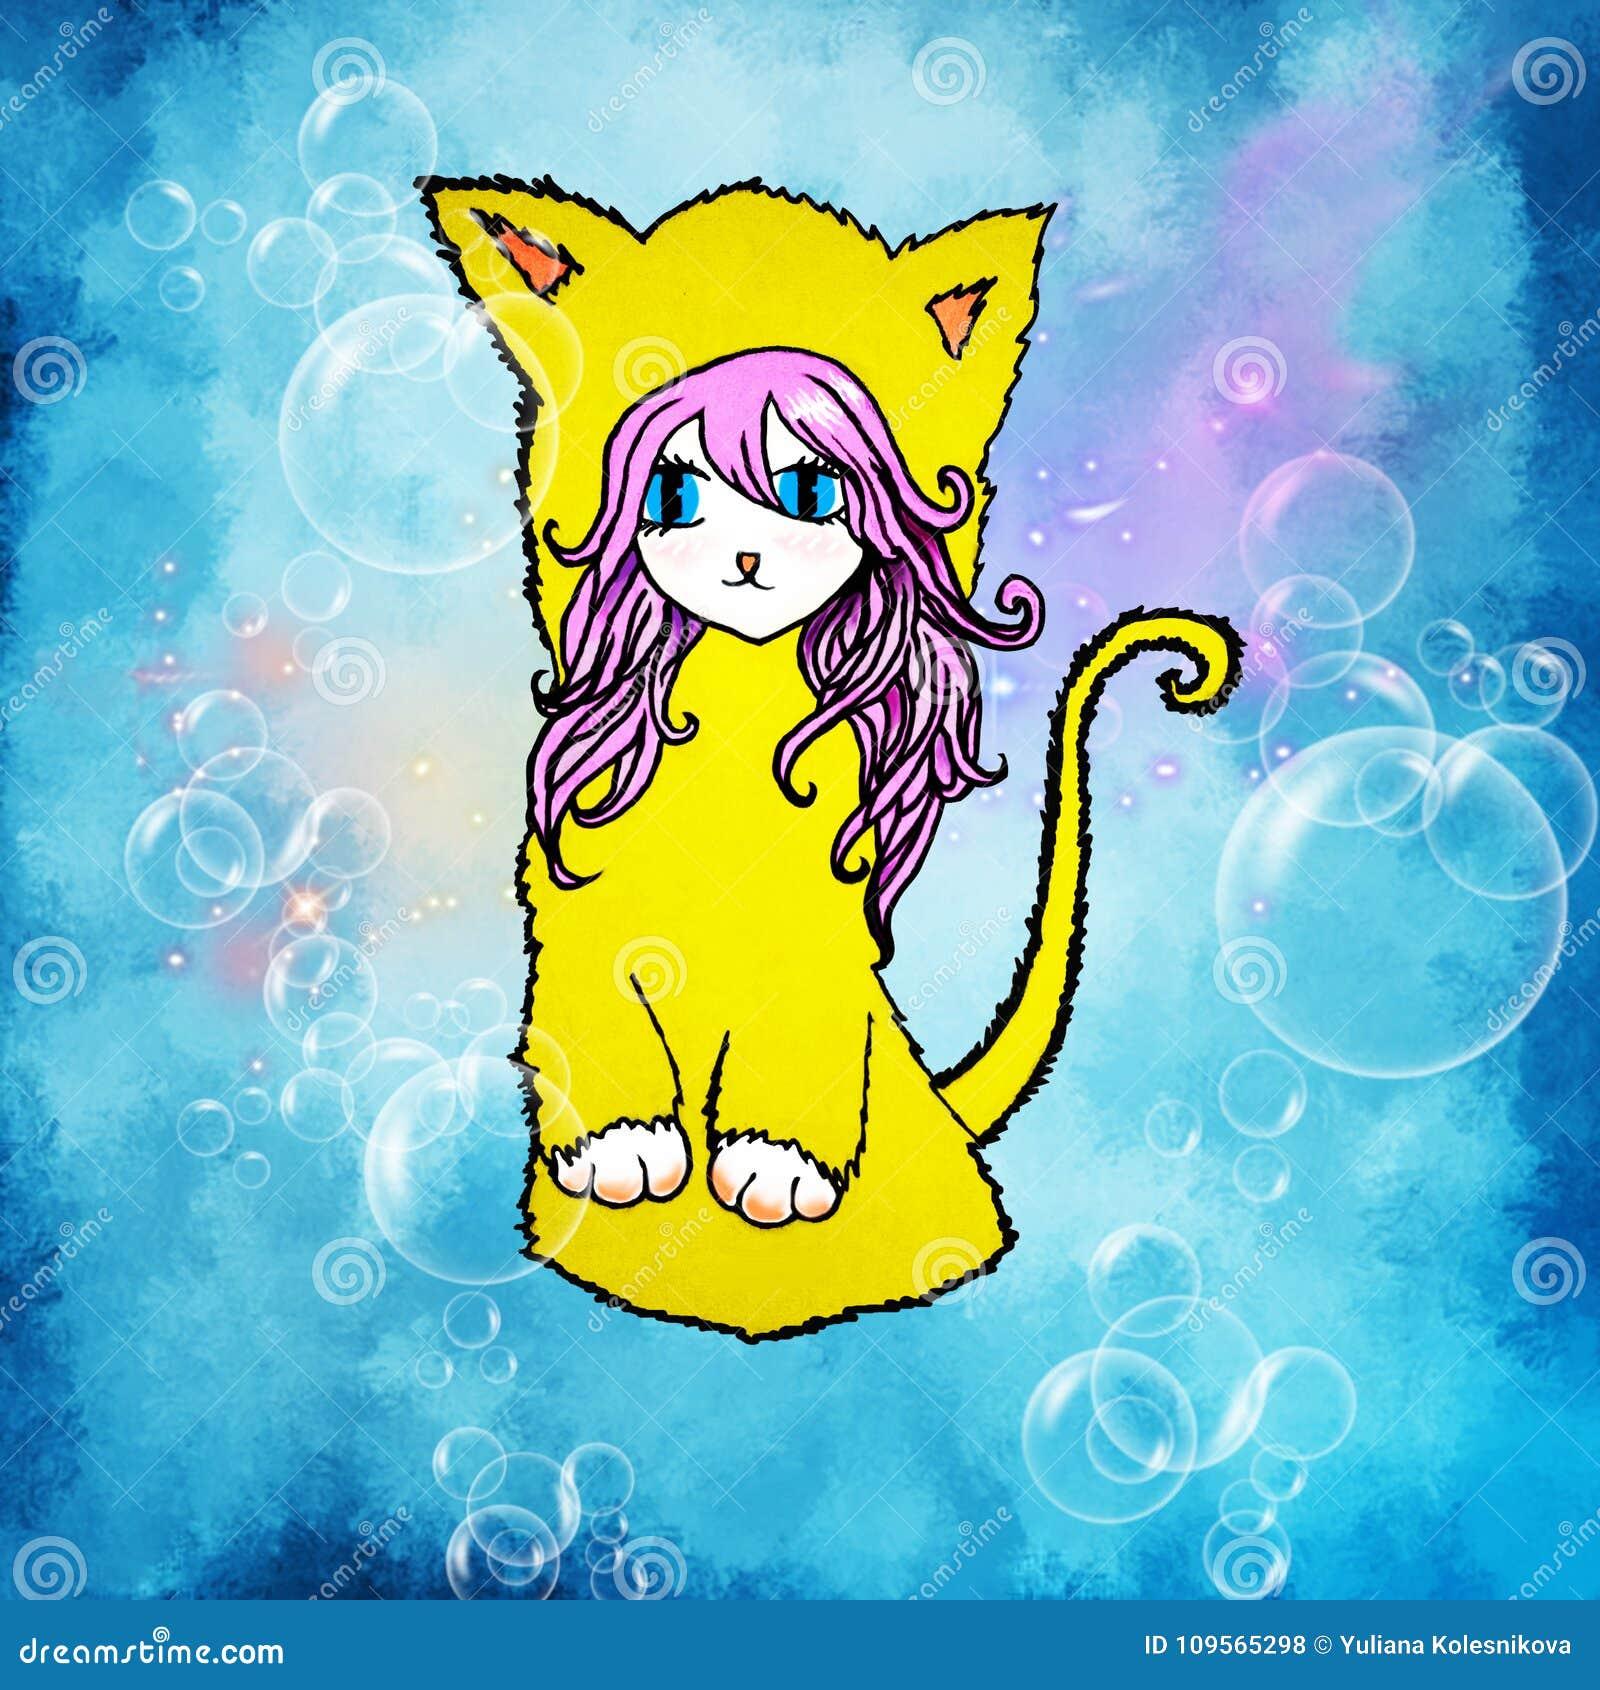 Μια απεικόνιση ενός κοριτσιού anime με τη ρόδινη τρίχα, μεγάλα μάτια, με τα αυτιά γατών ` s και μια ουρά σε ένα μπλε υπόβαθρο με